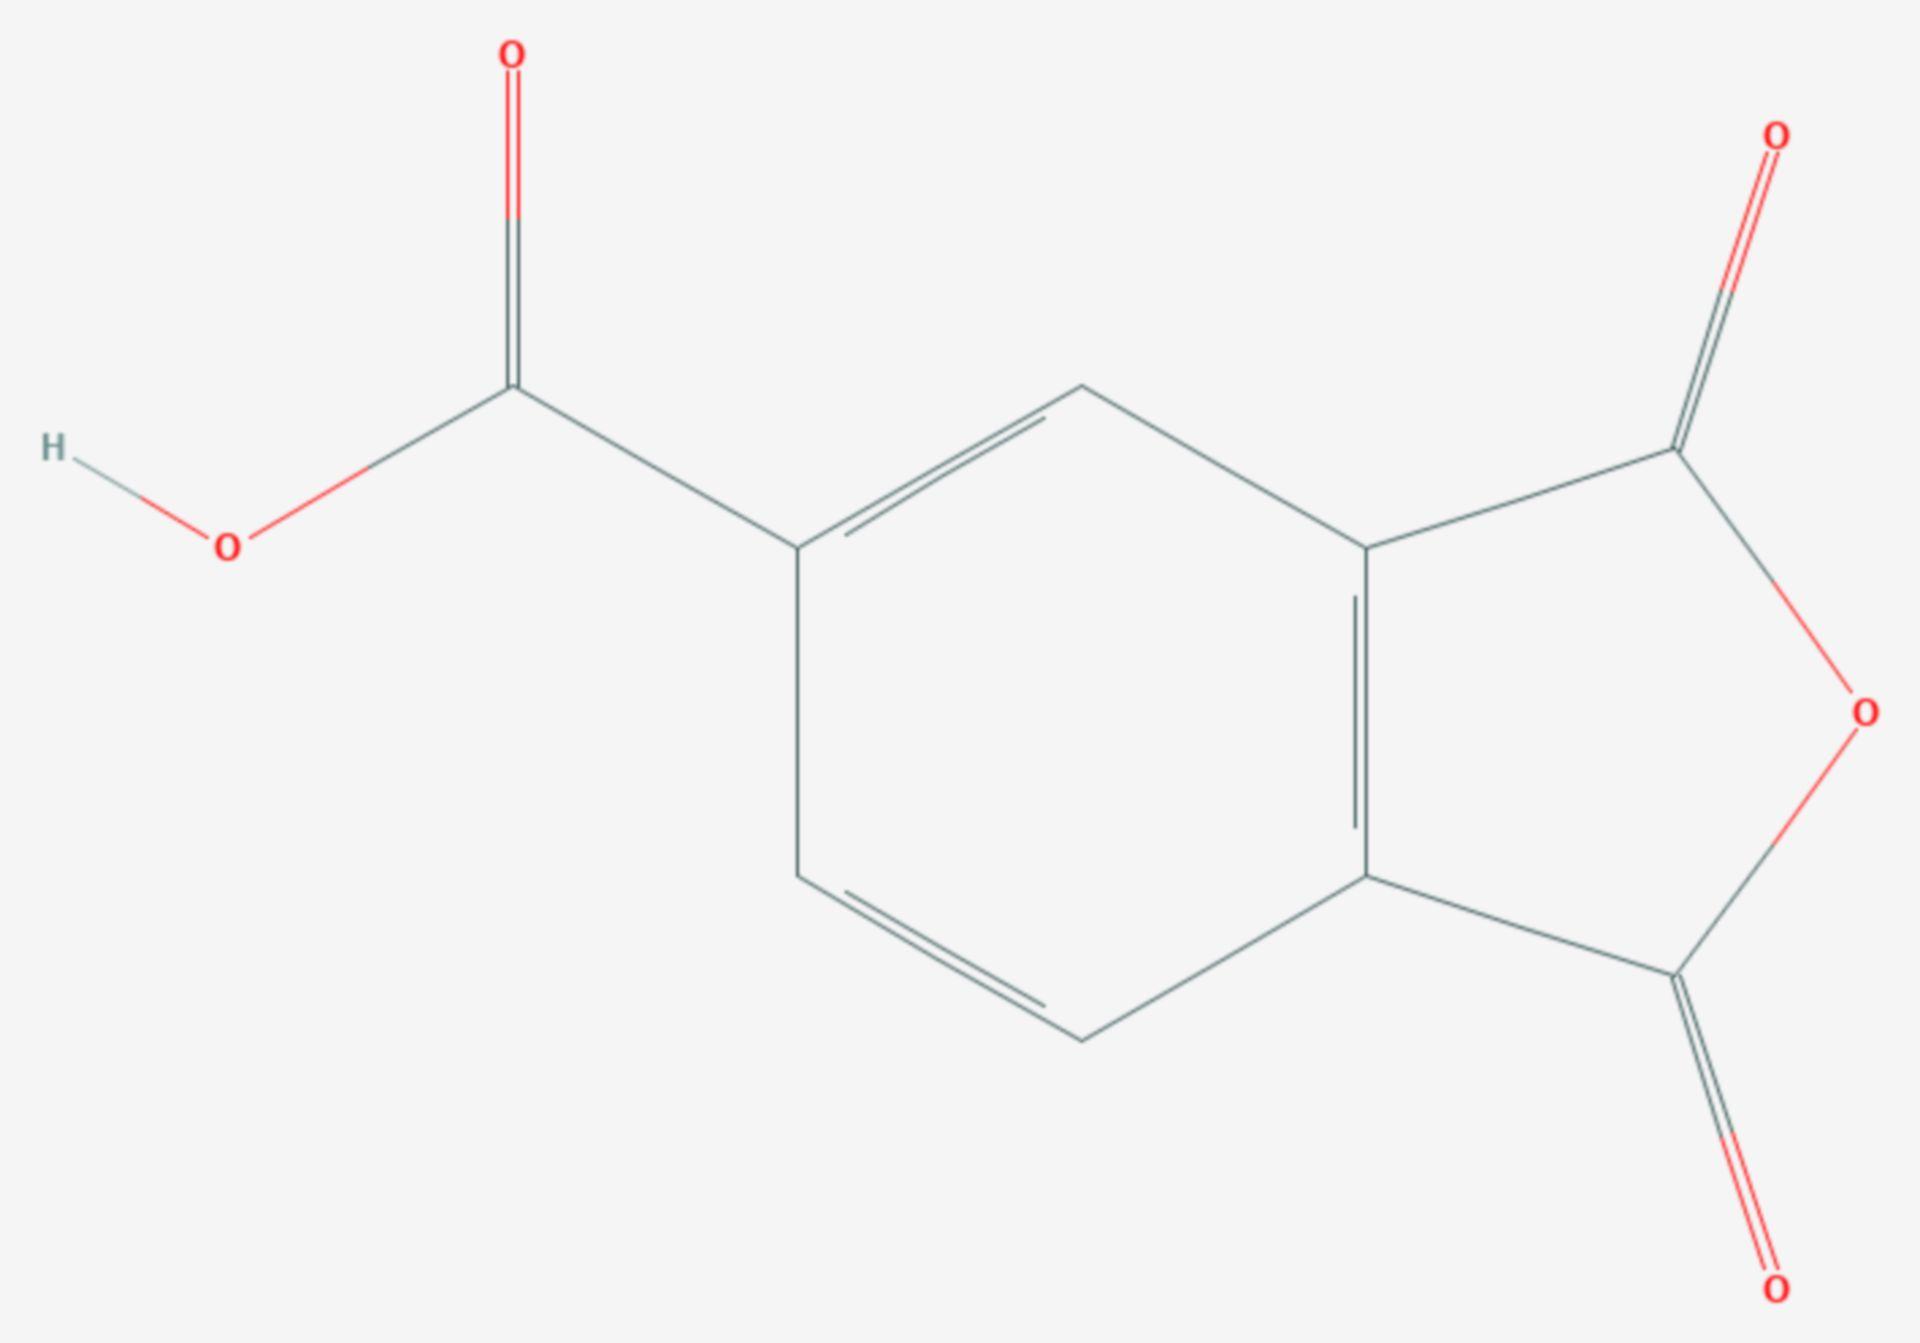 Trimellitsäureanhydrid (Strukturformel)